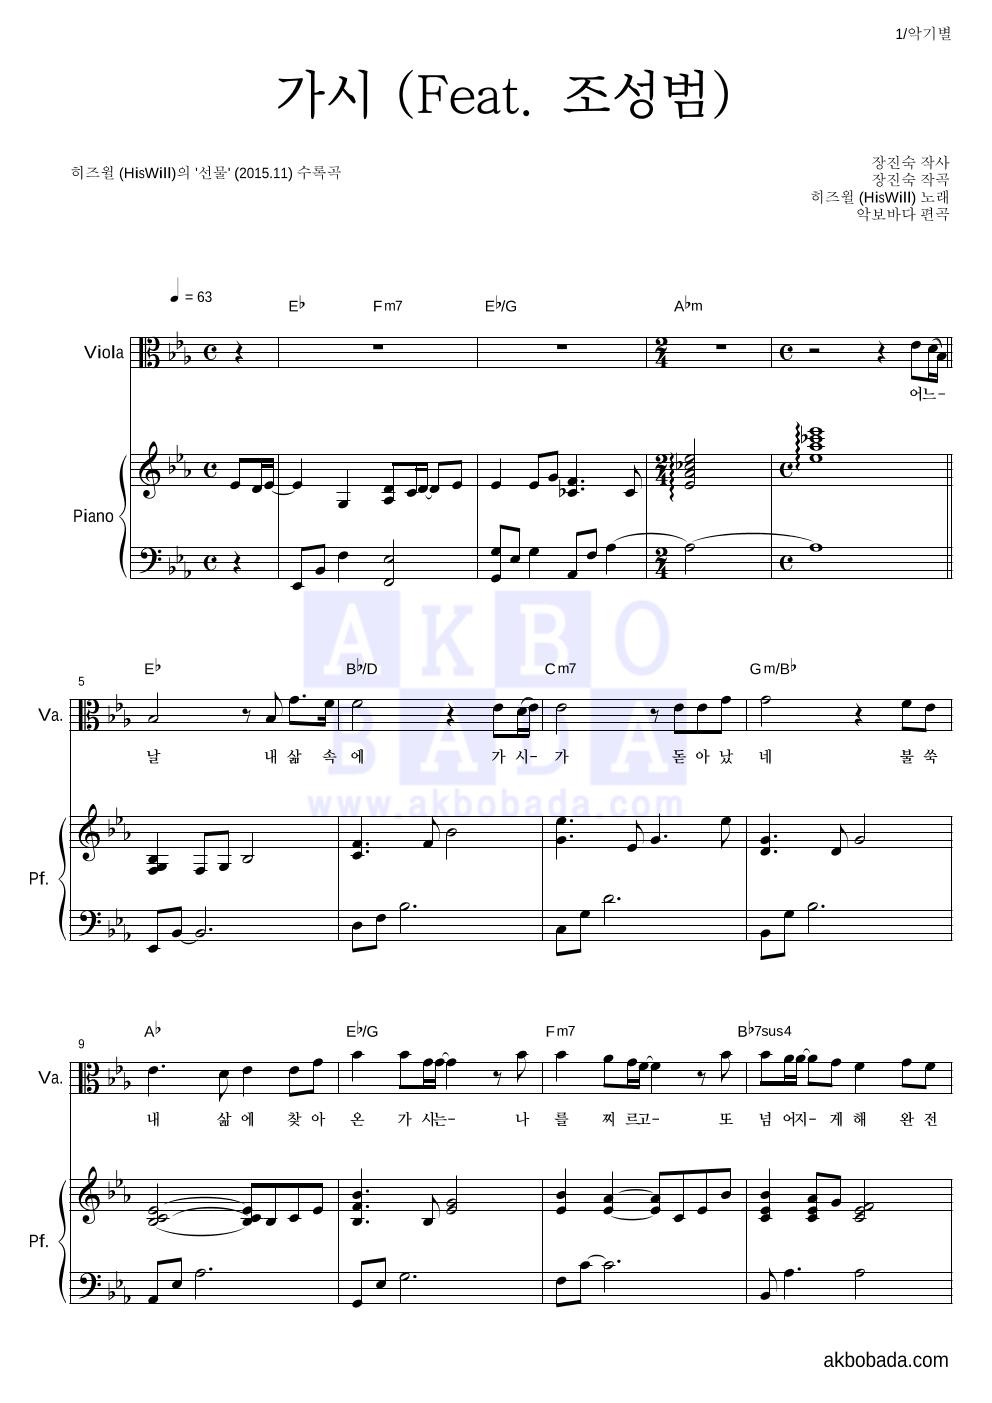 히즈윌 - 가시 (Feat. 조성범) 비올라&피아노 악보